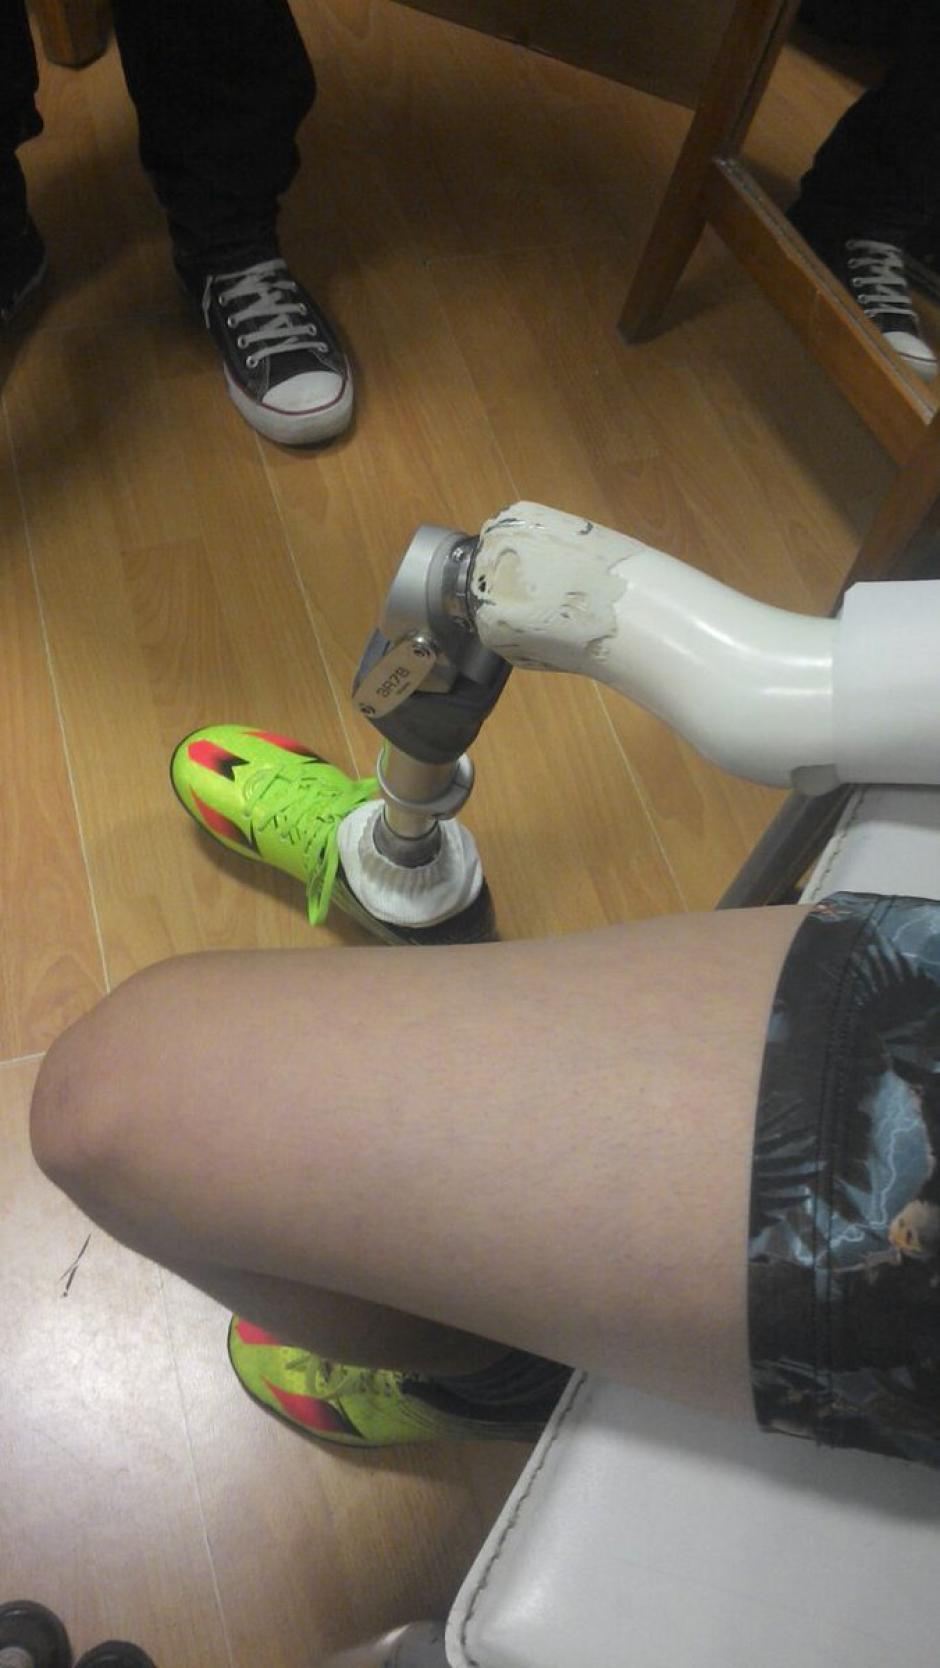 Santiago ya tiene su prótesis y con terapia y paciencia volverá a caminar. (Foto: Twitter)